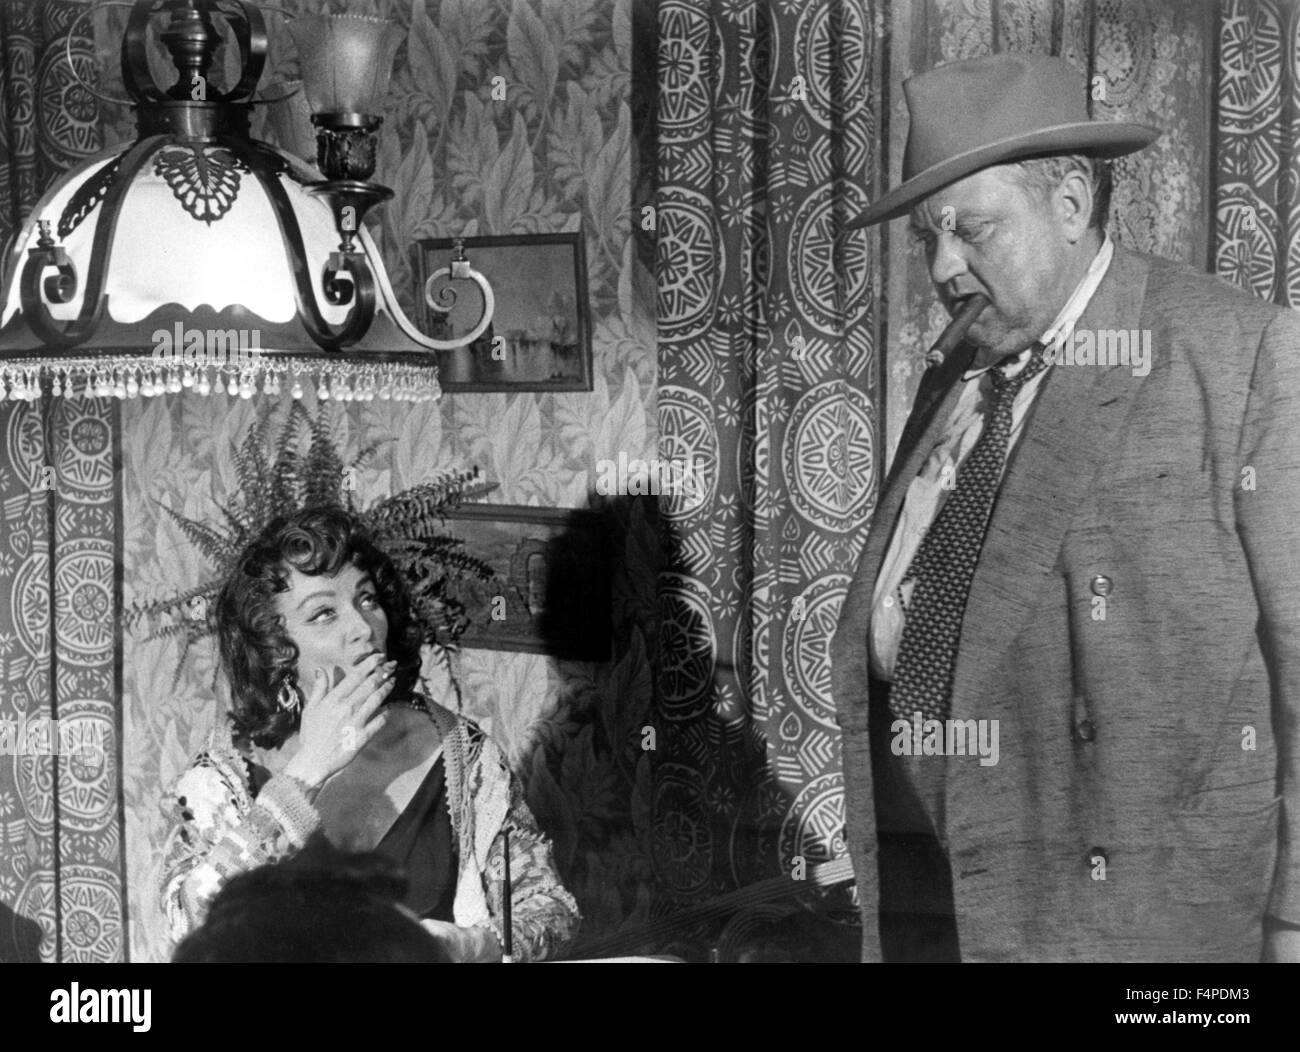 Marlene Dietrich, Orson Welles / Touch Of Evil 1958 unter der Regie von Orson Welles Stockbild